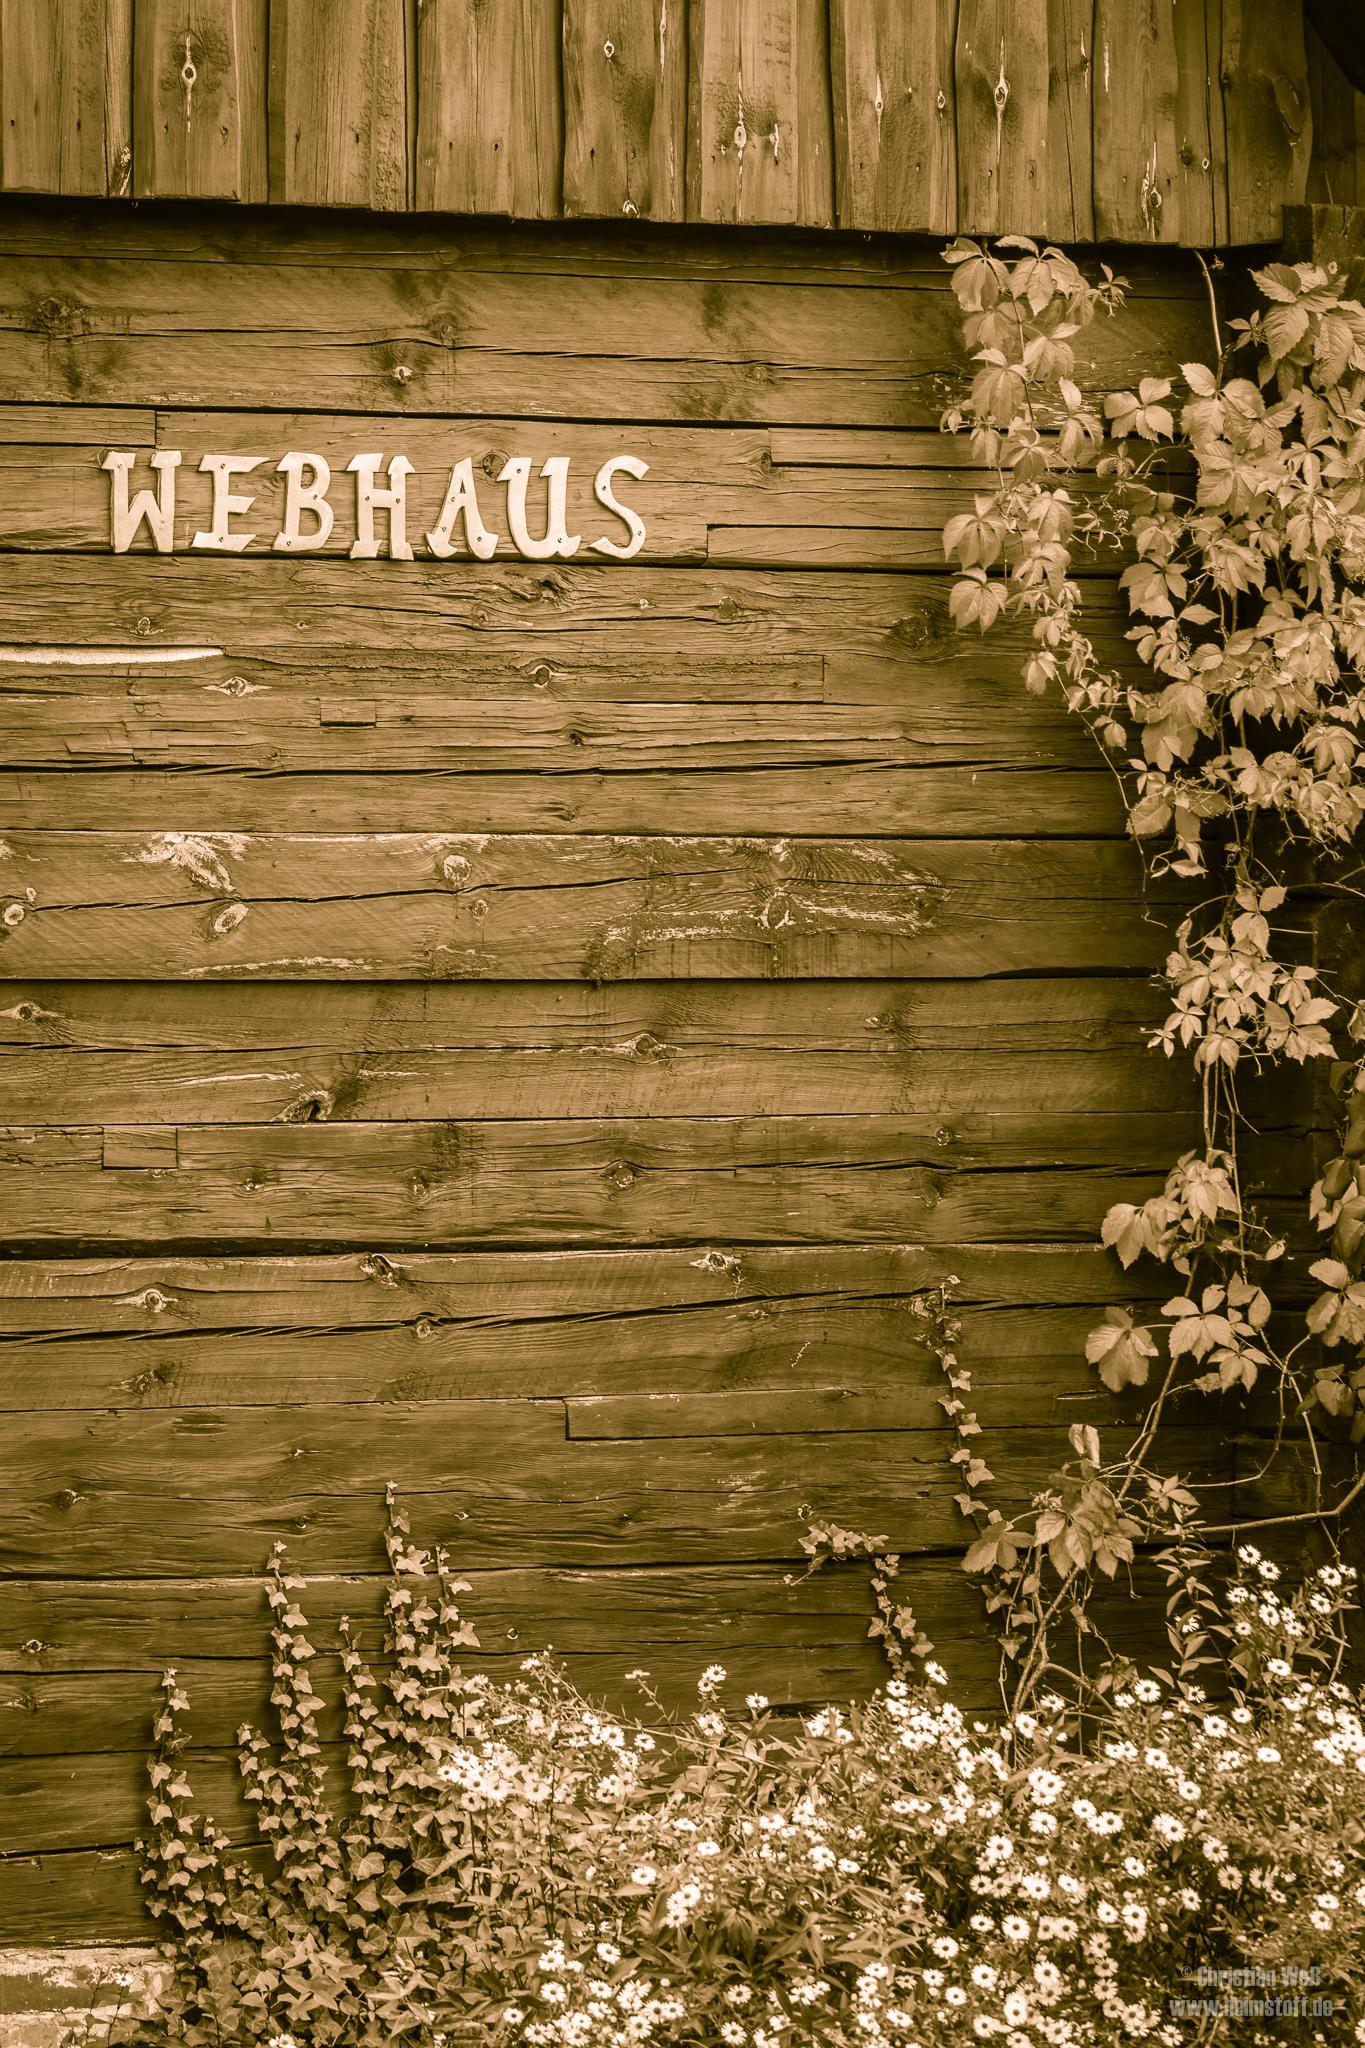 Das Webhaus.